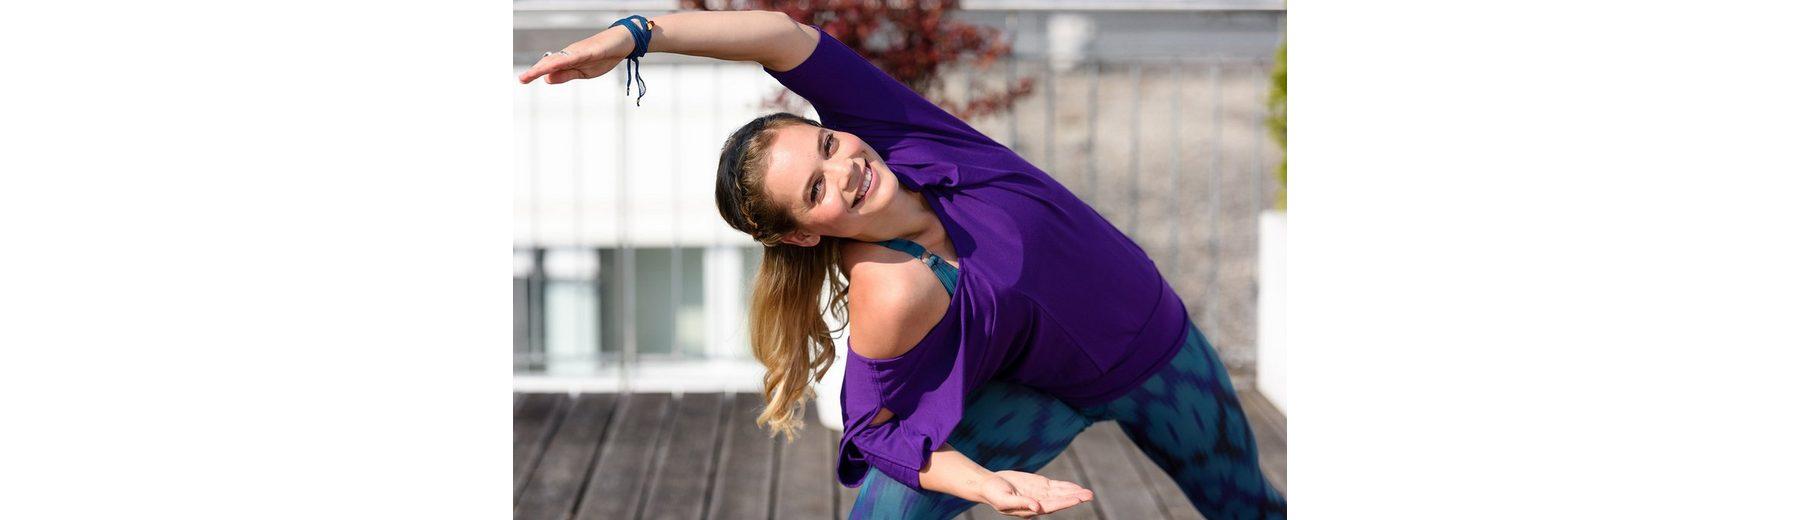 Hohe Qualität Online Kaufen Yogistar Sweatshirt Online Freies Verschiffen Größte Lieferant Um Online-Verkauf 0MCQHlv